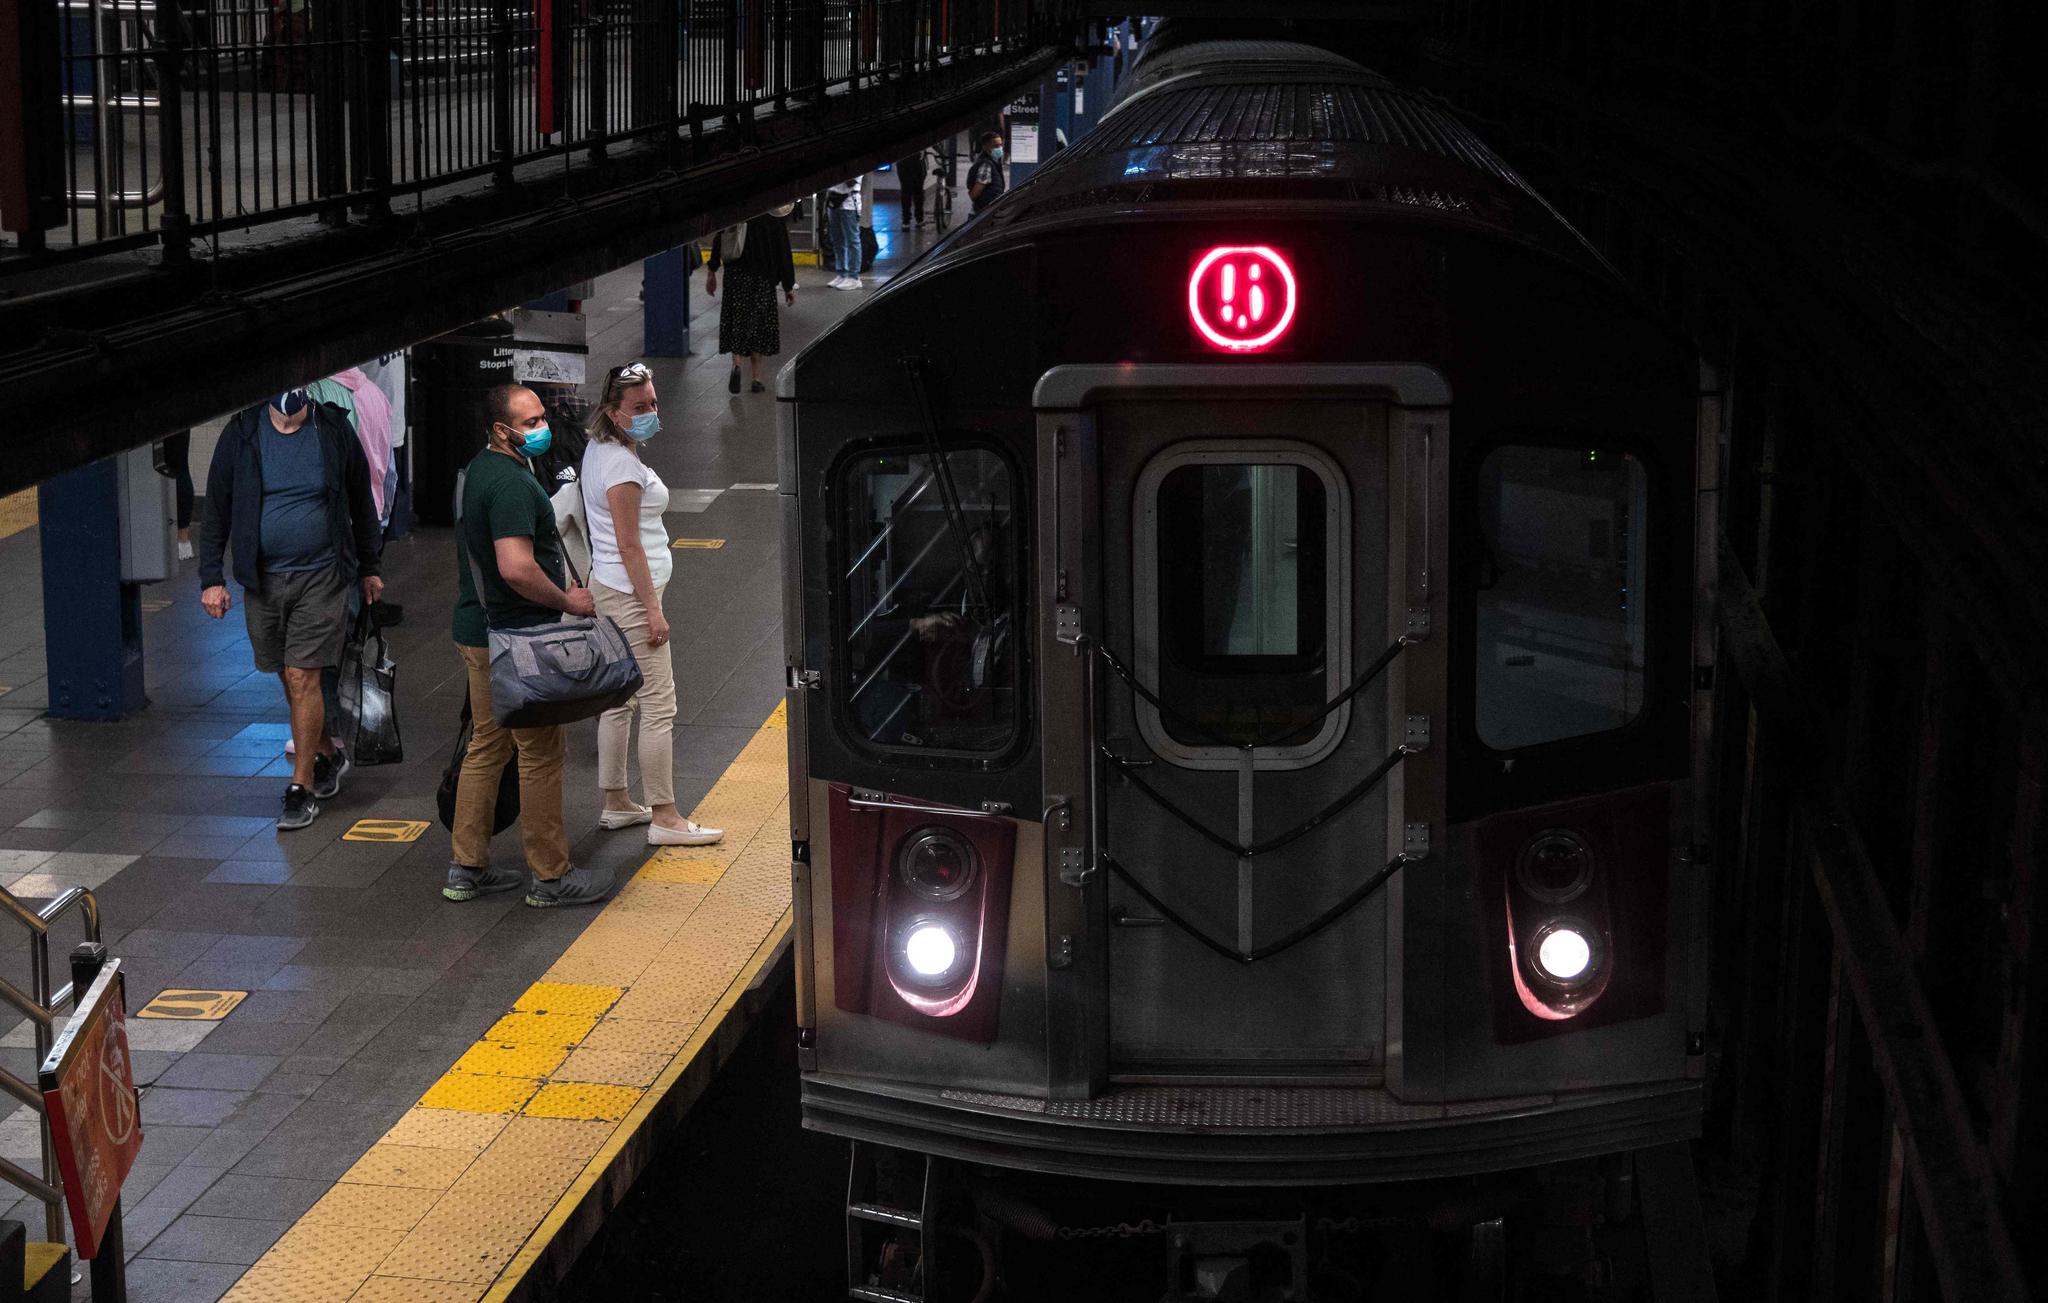 뉴욕 지하철 모습, 자료사진. AFP=연합뉴스